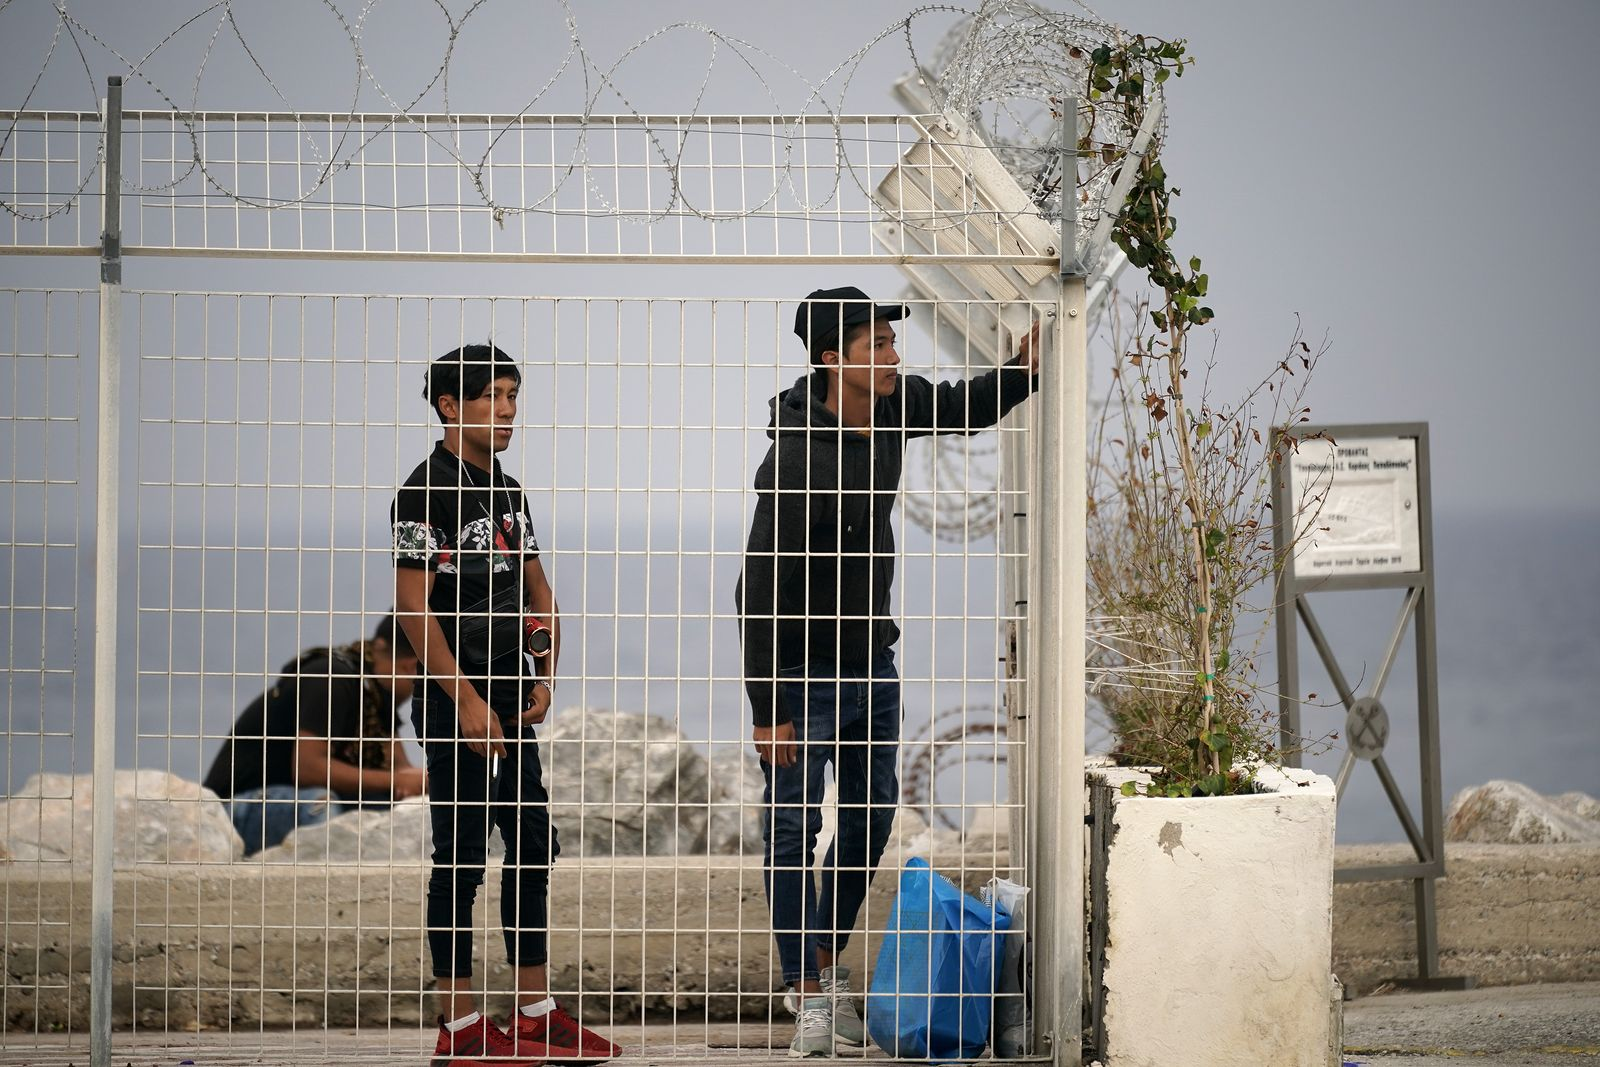 Lesbos Migration Griechenland Asylsrecht Migranten